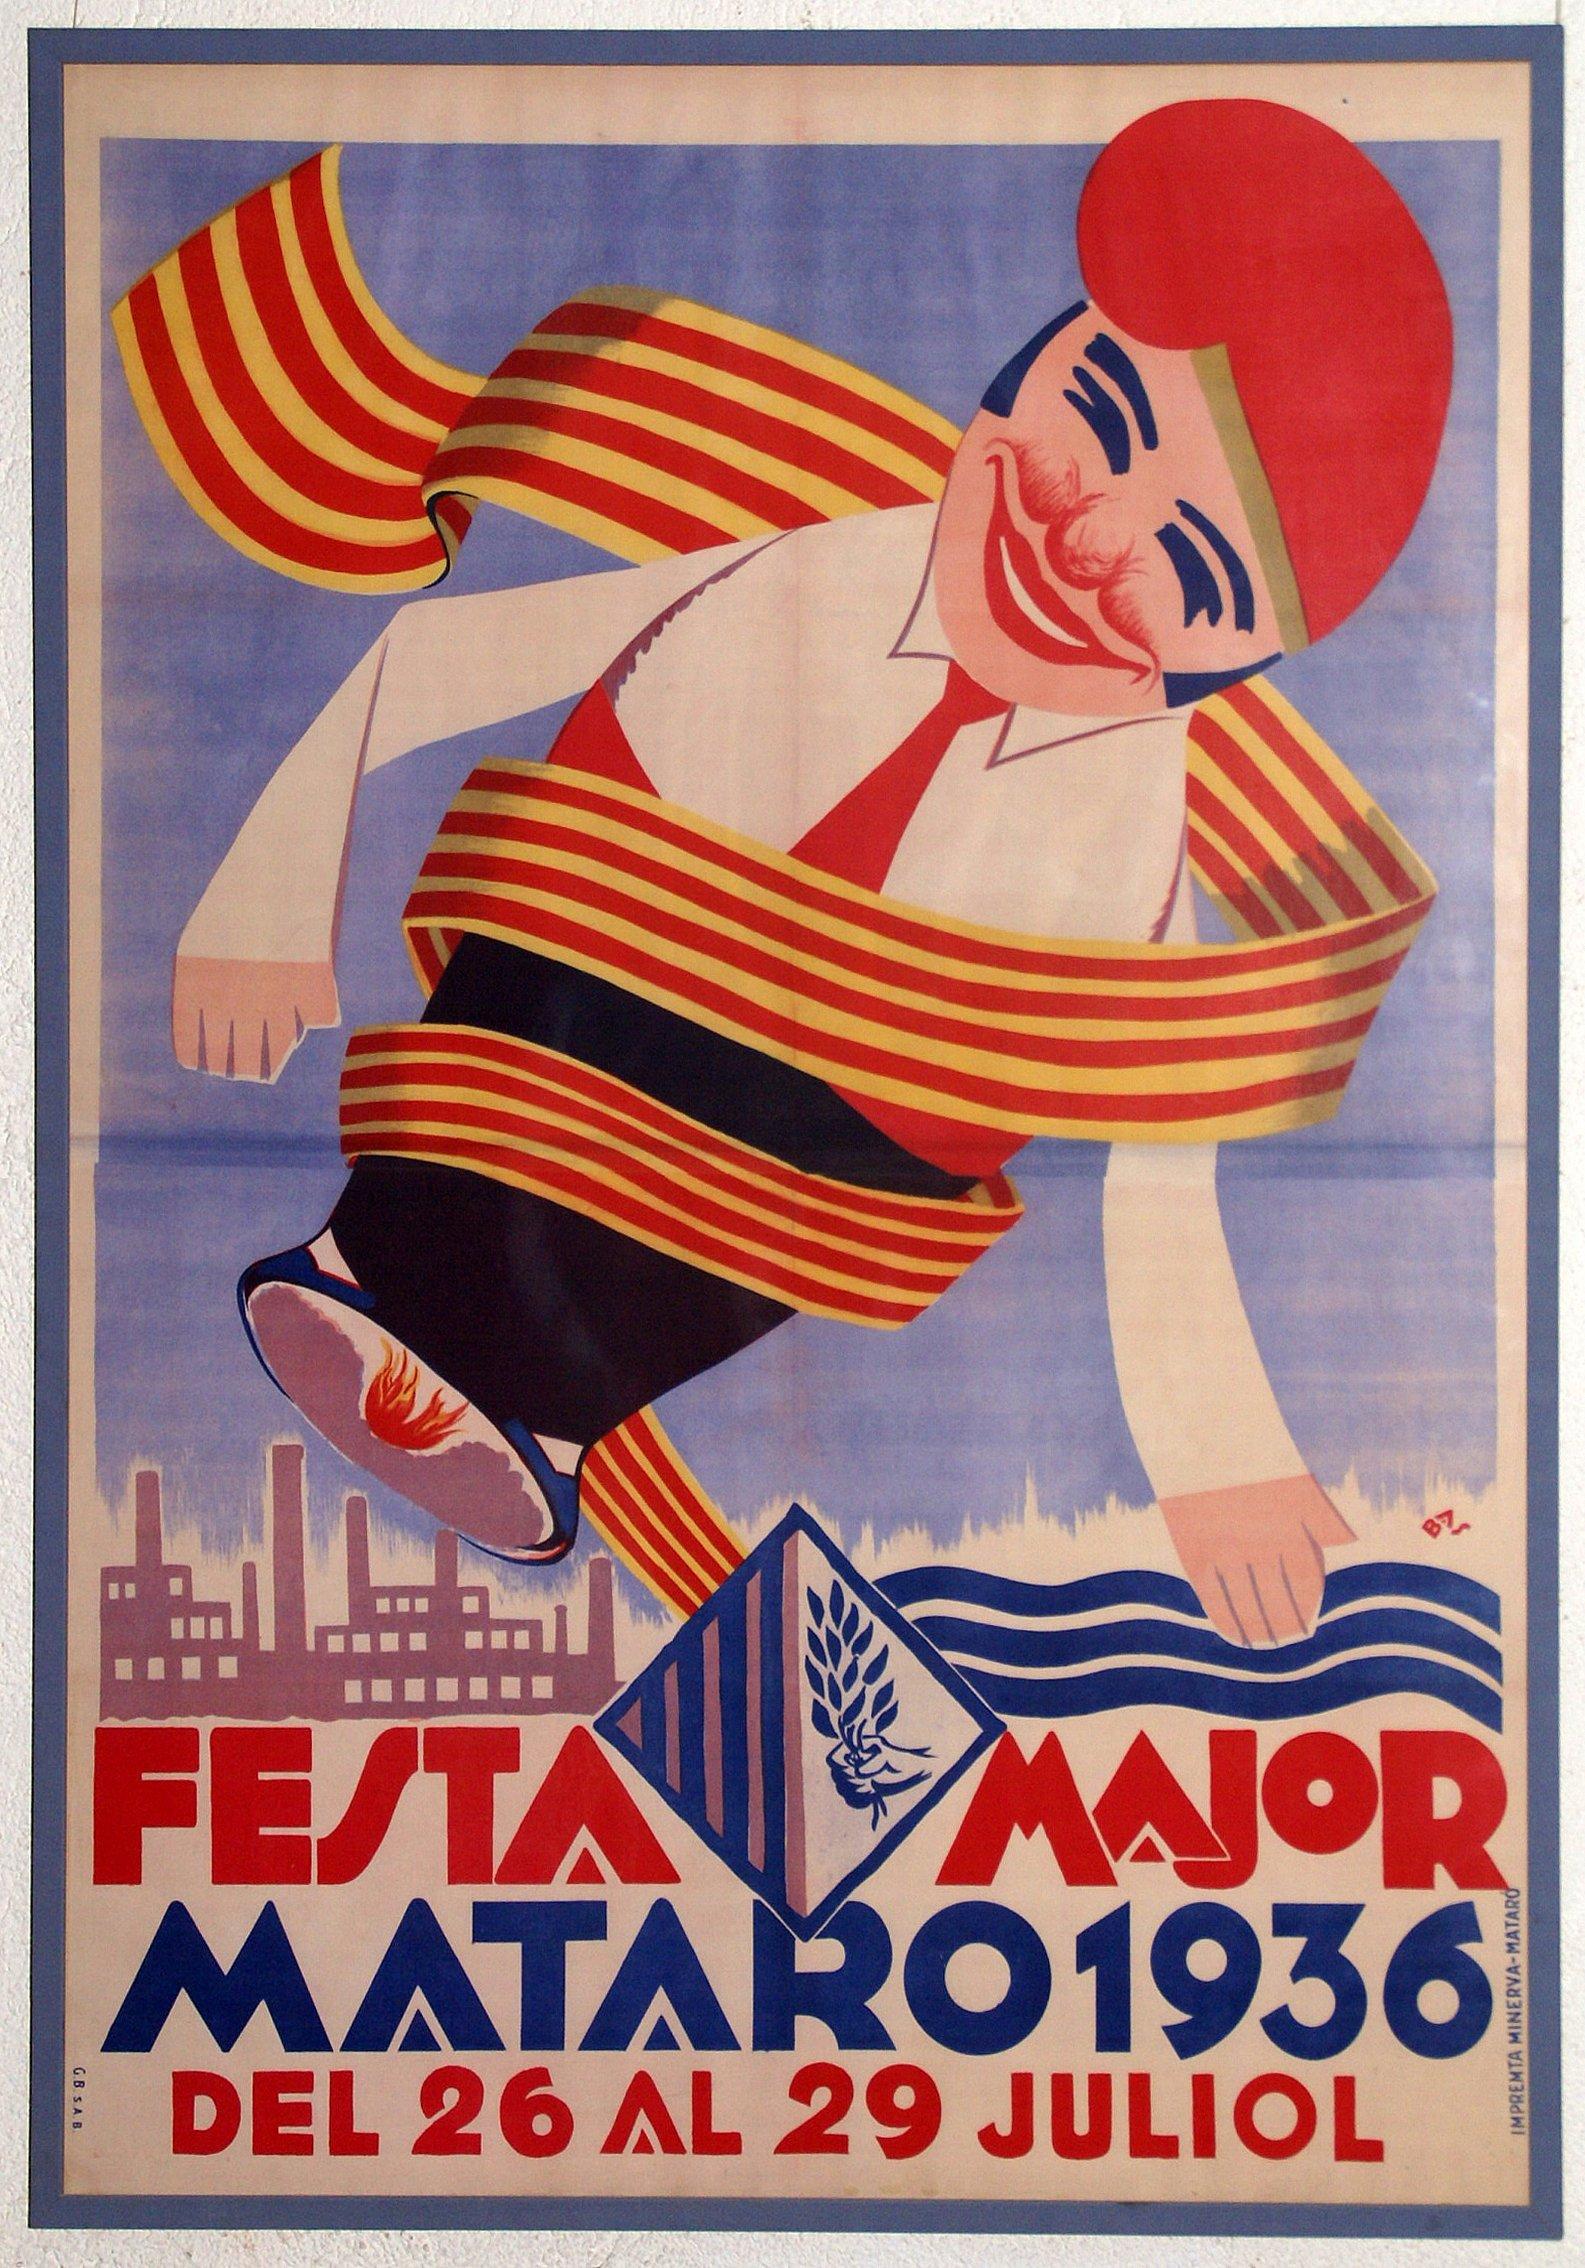 El cartell de les Santes de 1936, fins ara desconegut, al MASMM